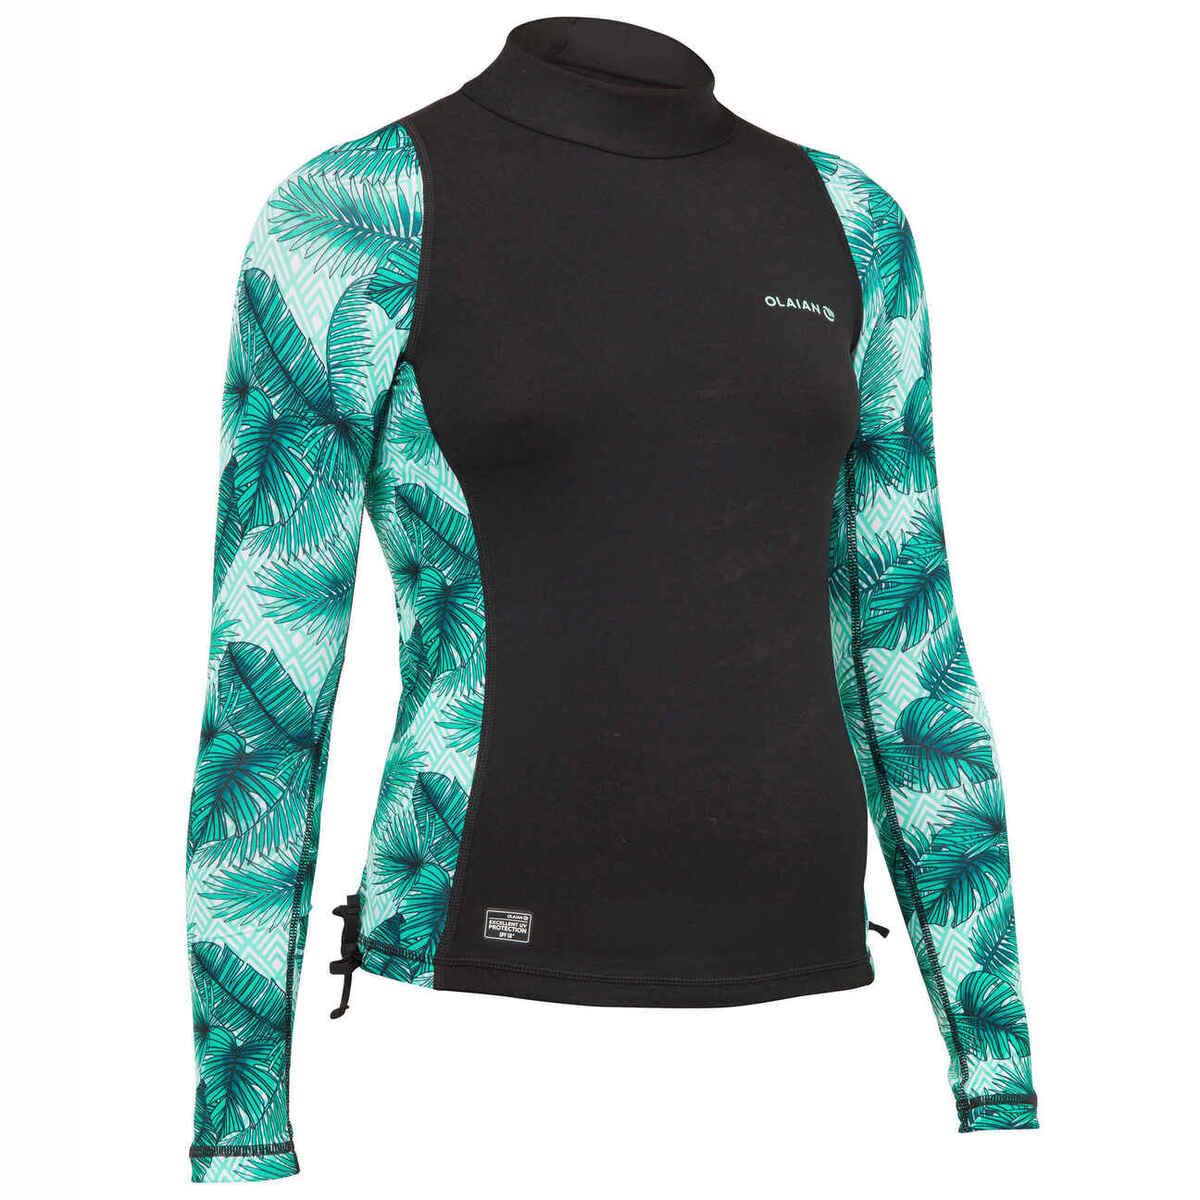 Bild 1 von UV-Shirt Langarm UV-Top 500 Aisau Kinder Mädchen schwarz/grün